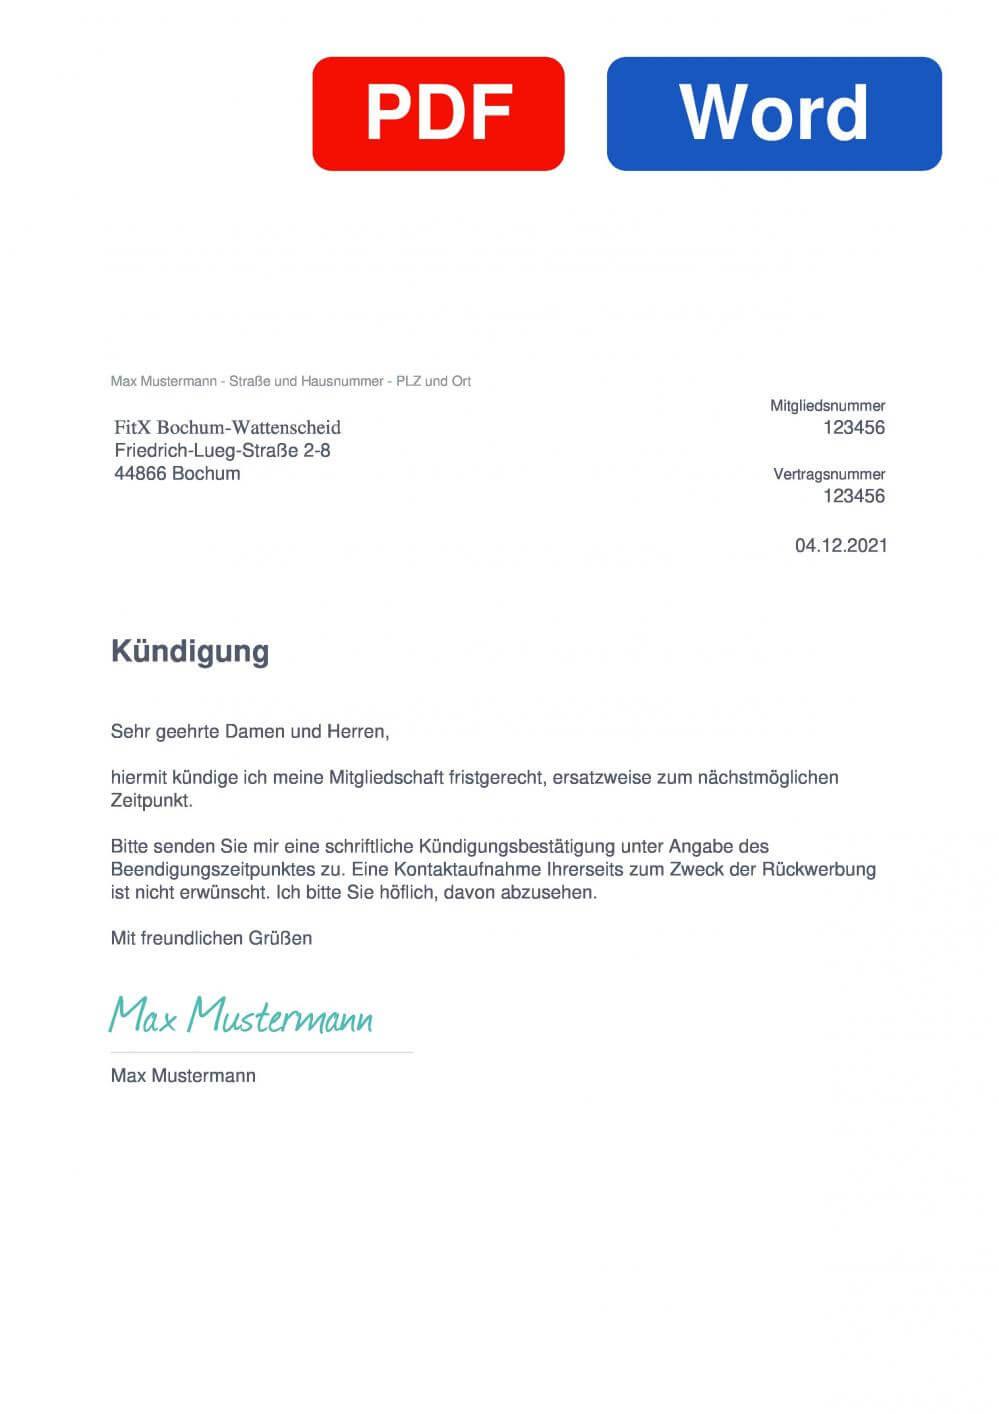 FitX Wattenscheid Muster Vorlage für Kündigungsschreiben